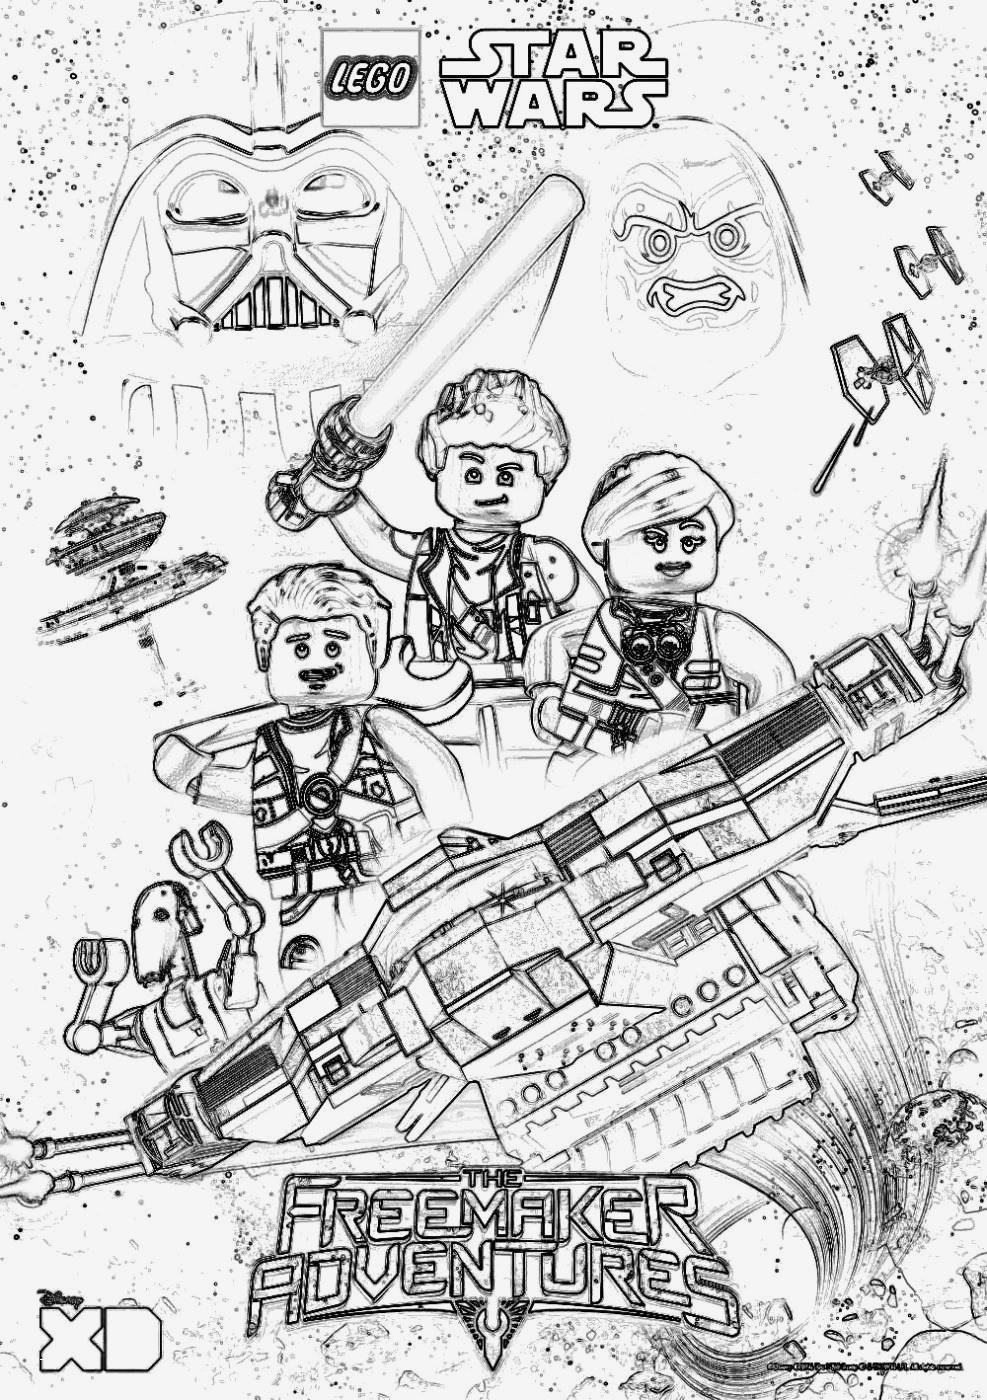 Mia and Me Zum Ausmalen Inspirierend Star Wars Malvorlagen Bildergalerie & Bilder Zum Ausmalen Star Wars Sammlung